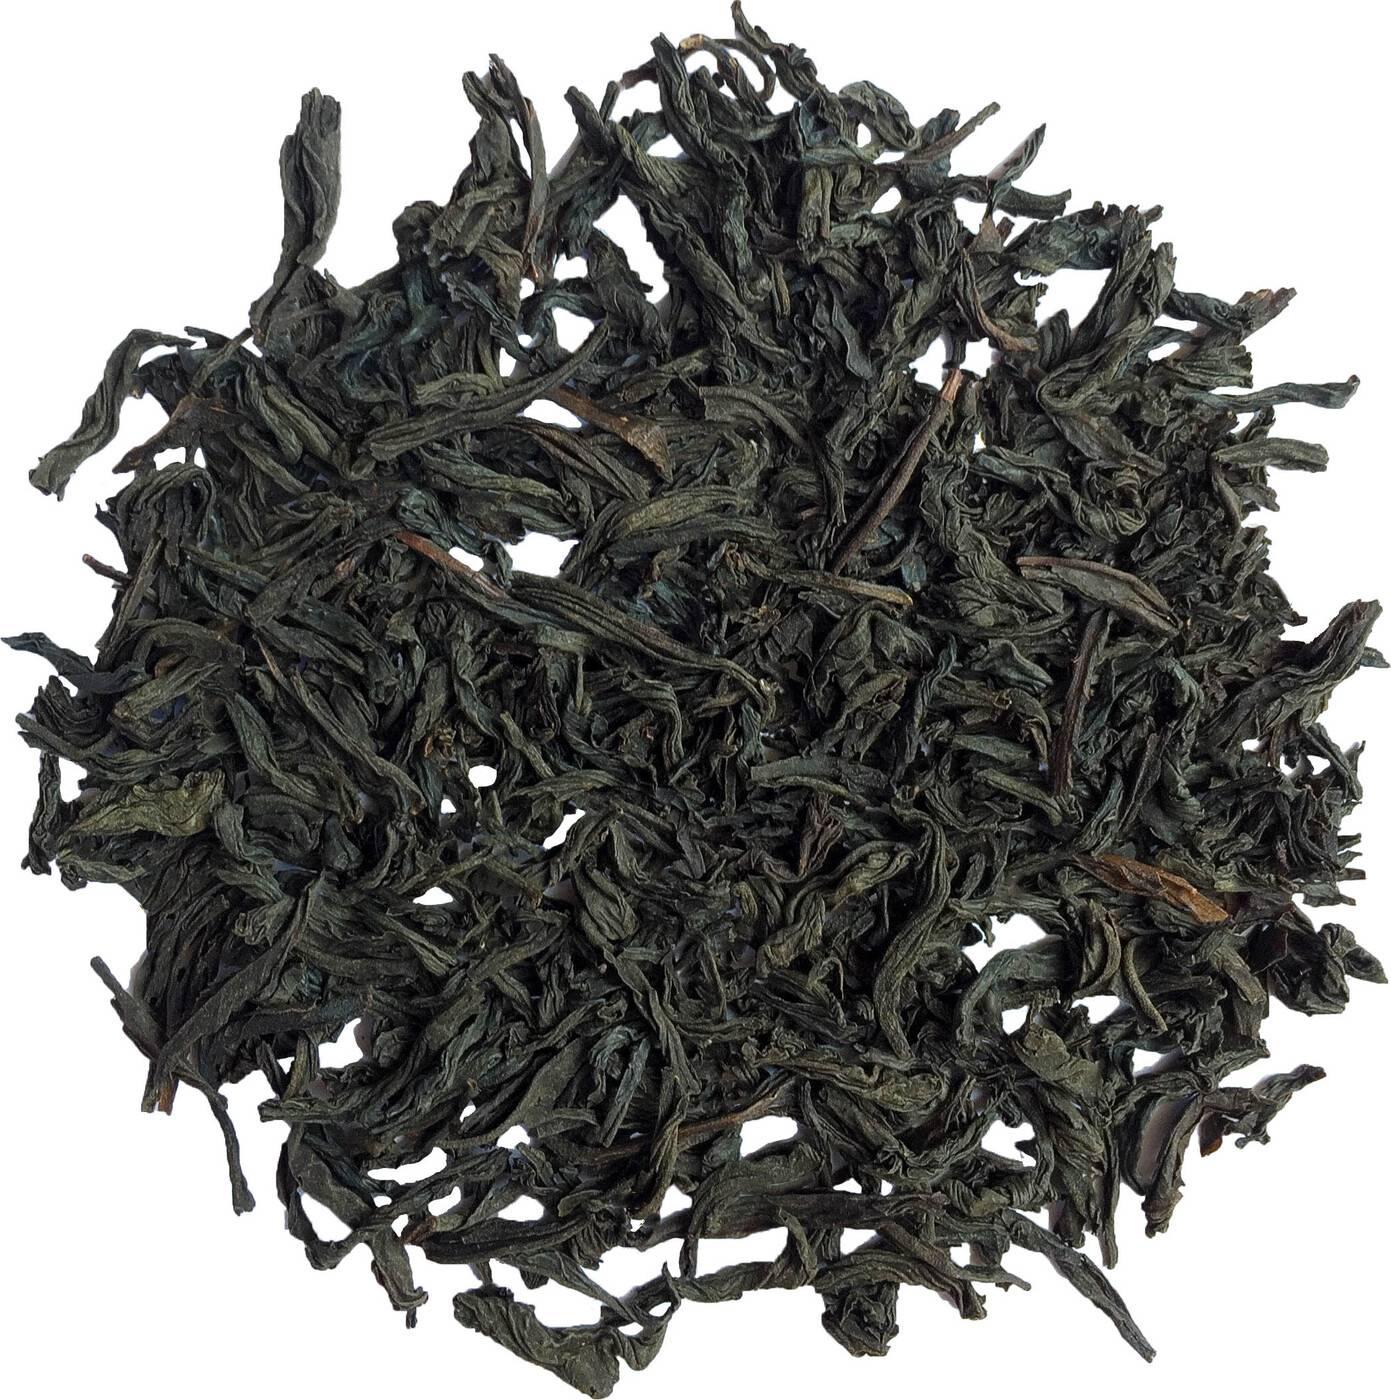 Байховый чай: что это такое и что значит название, какие есть виды и сорта и что входит в состав напитка